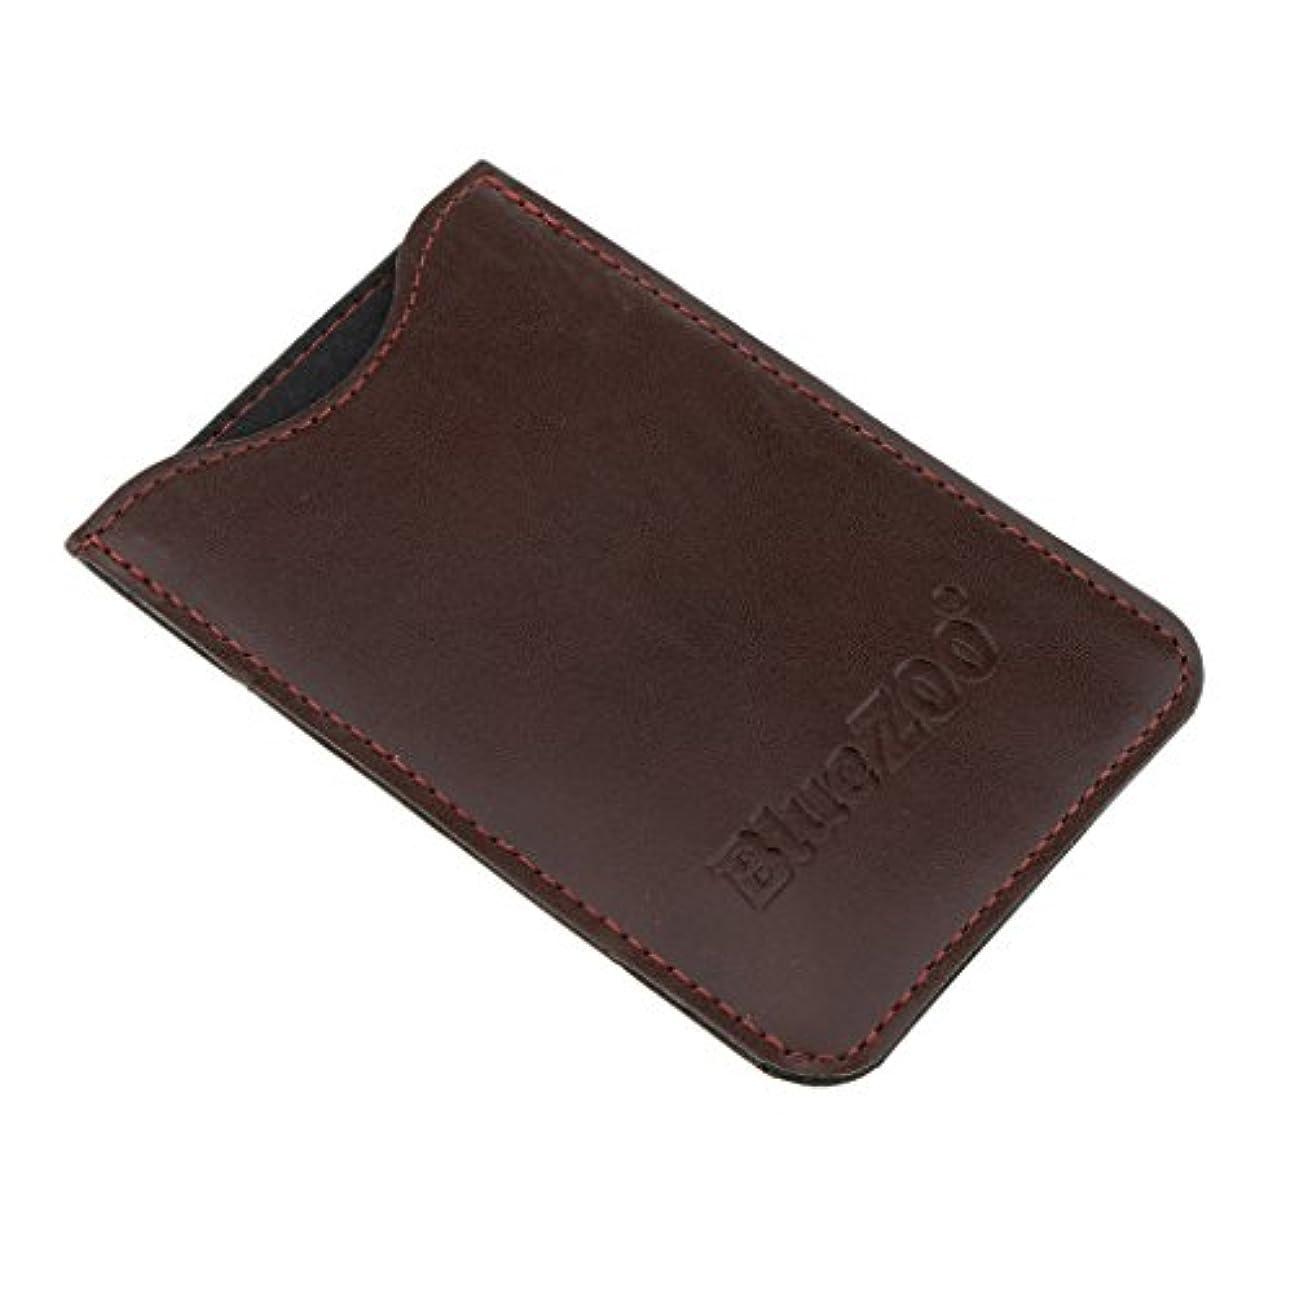 細心の指定する有名収納パック 収納ケース 保護カバー 櫛/名刺/IDカード/銀行カード 多機能 高品質 全2色 - 褐色